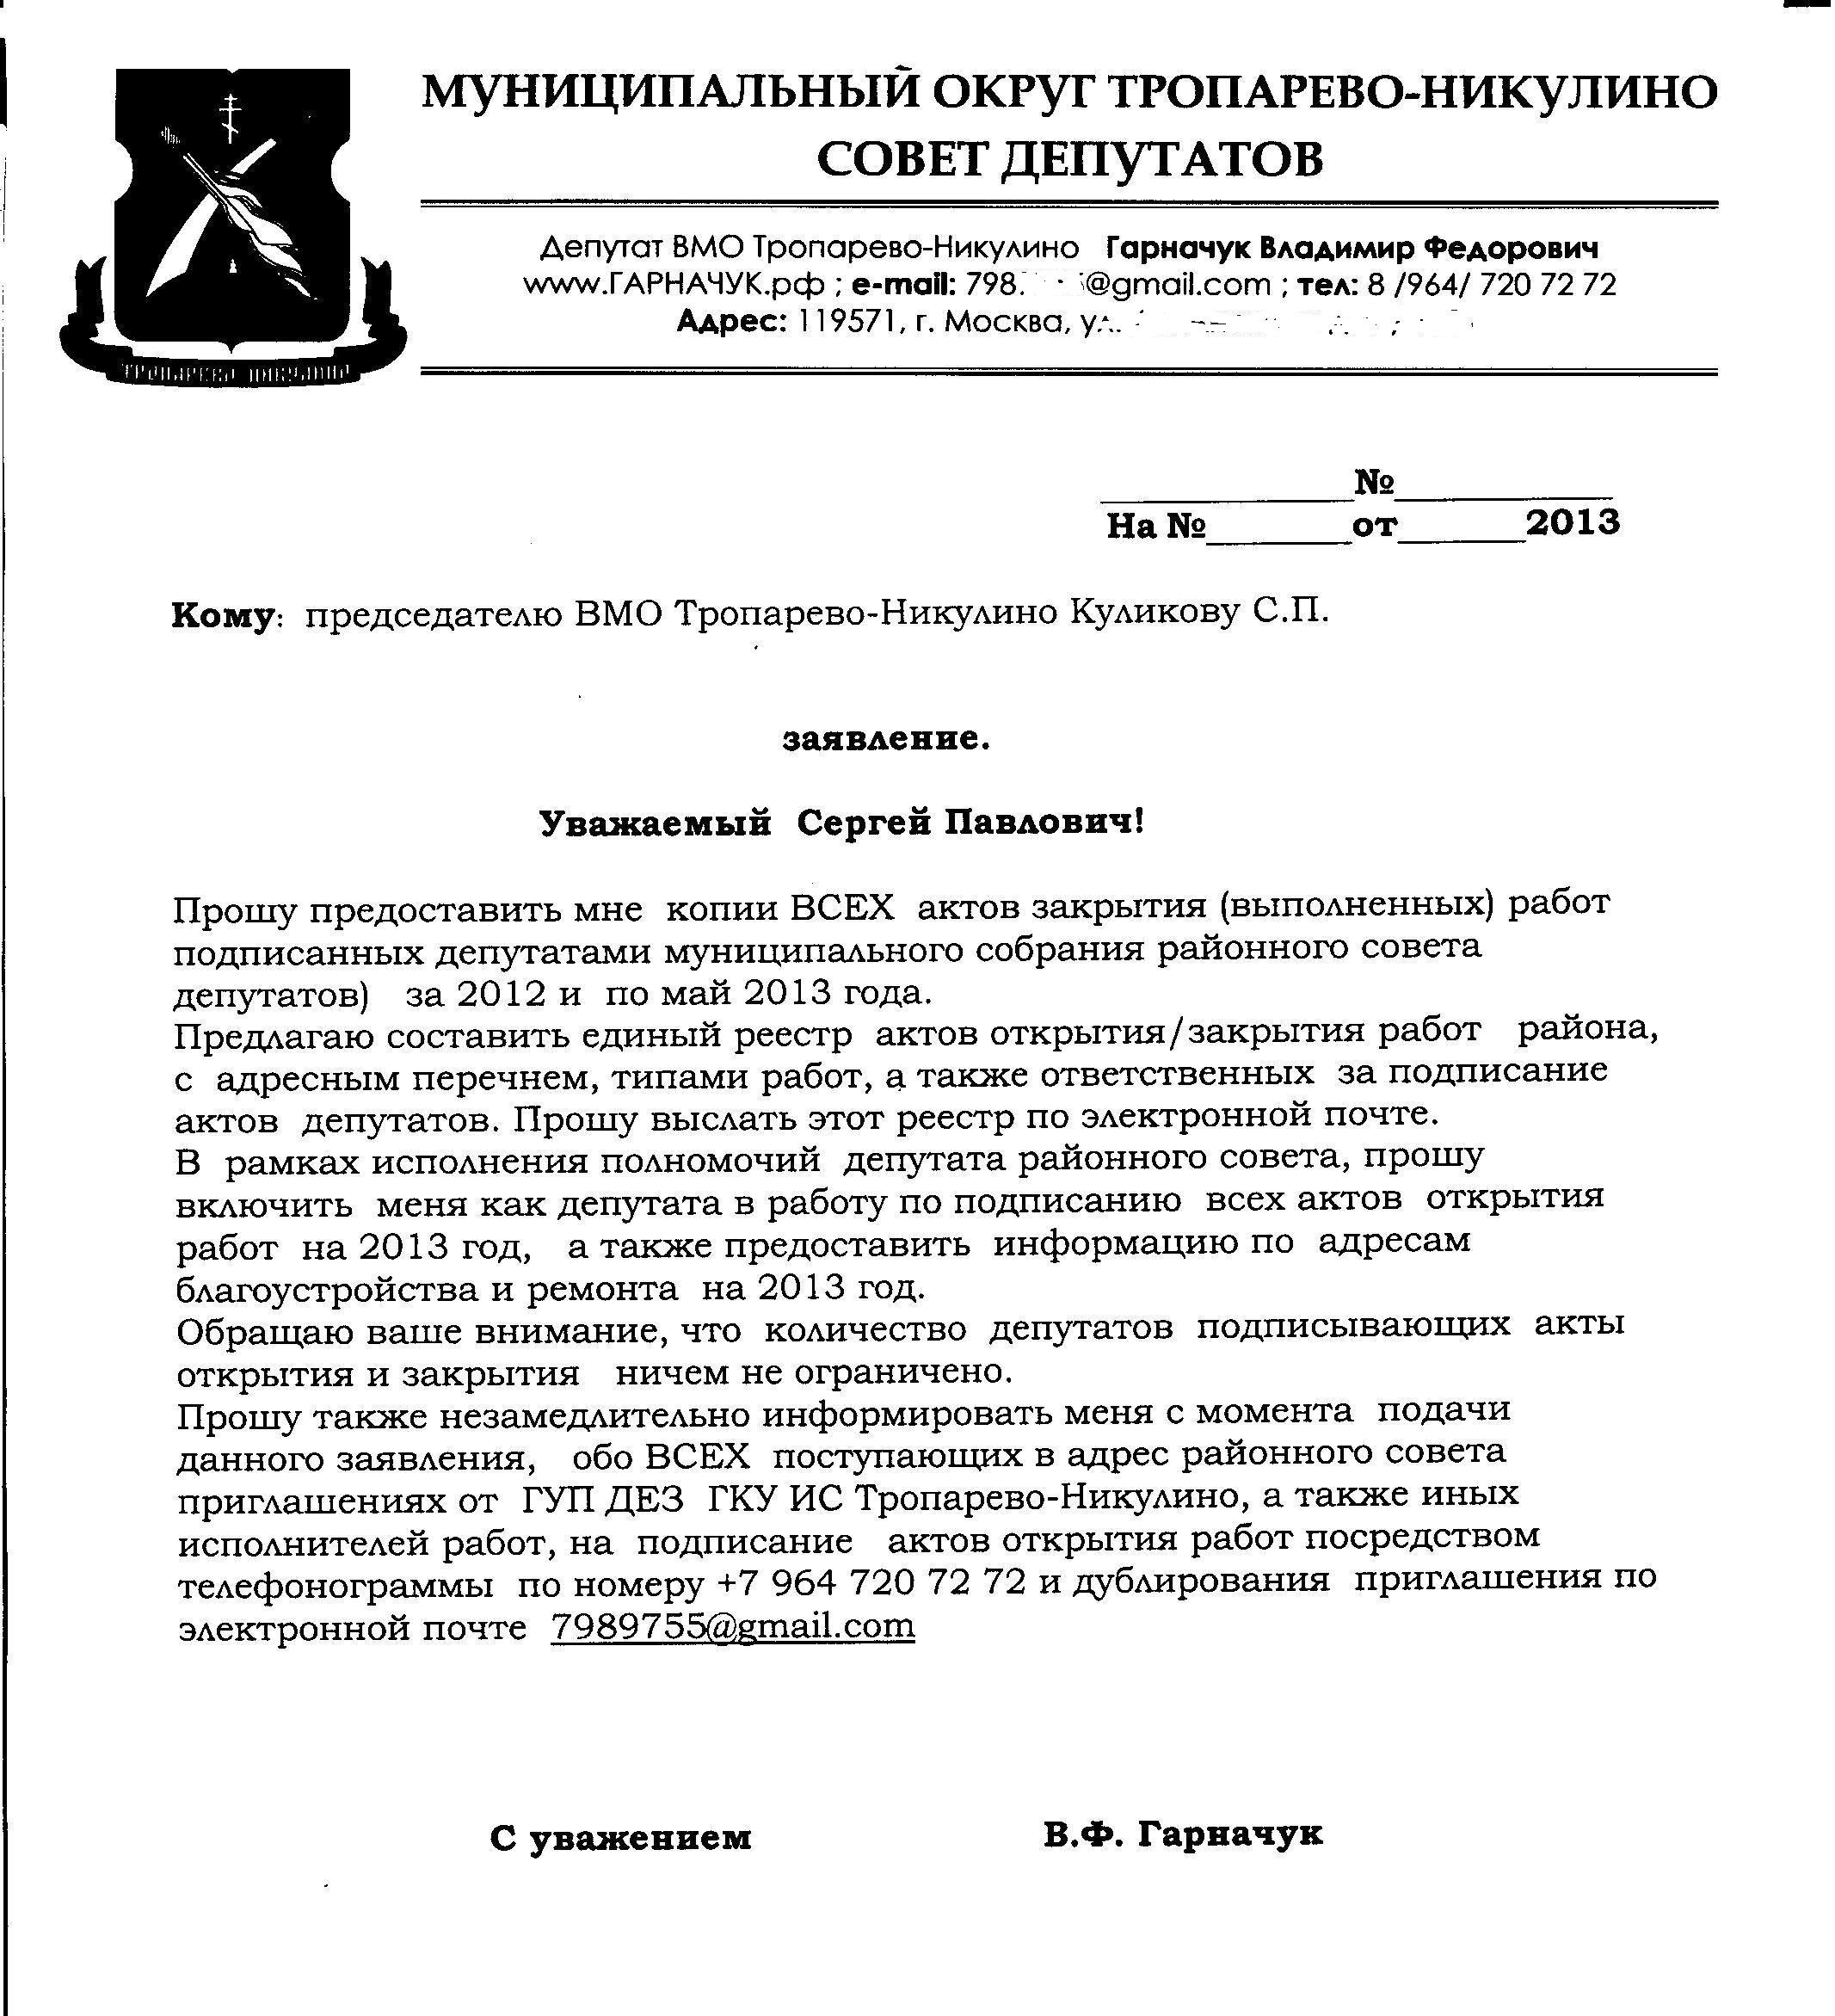 заявление по актам куликову 05.05 13